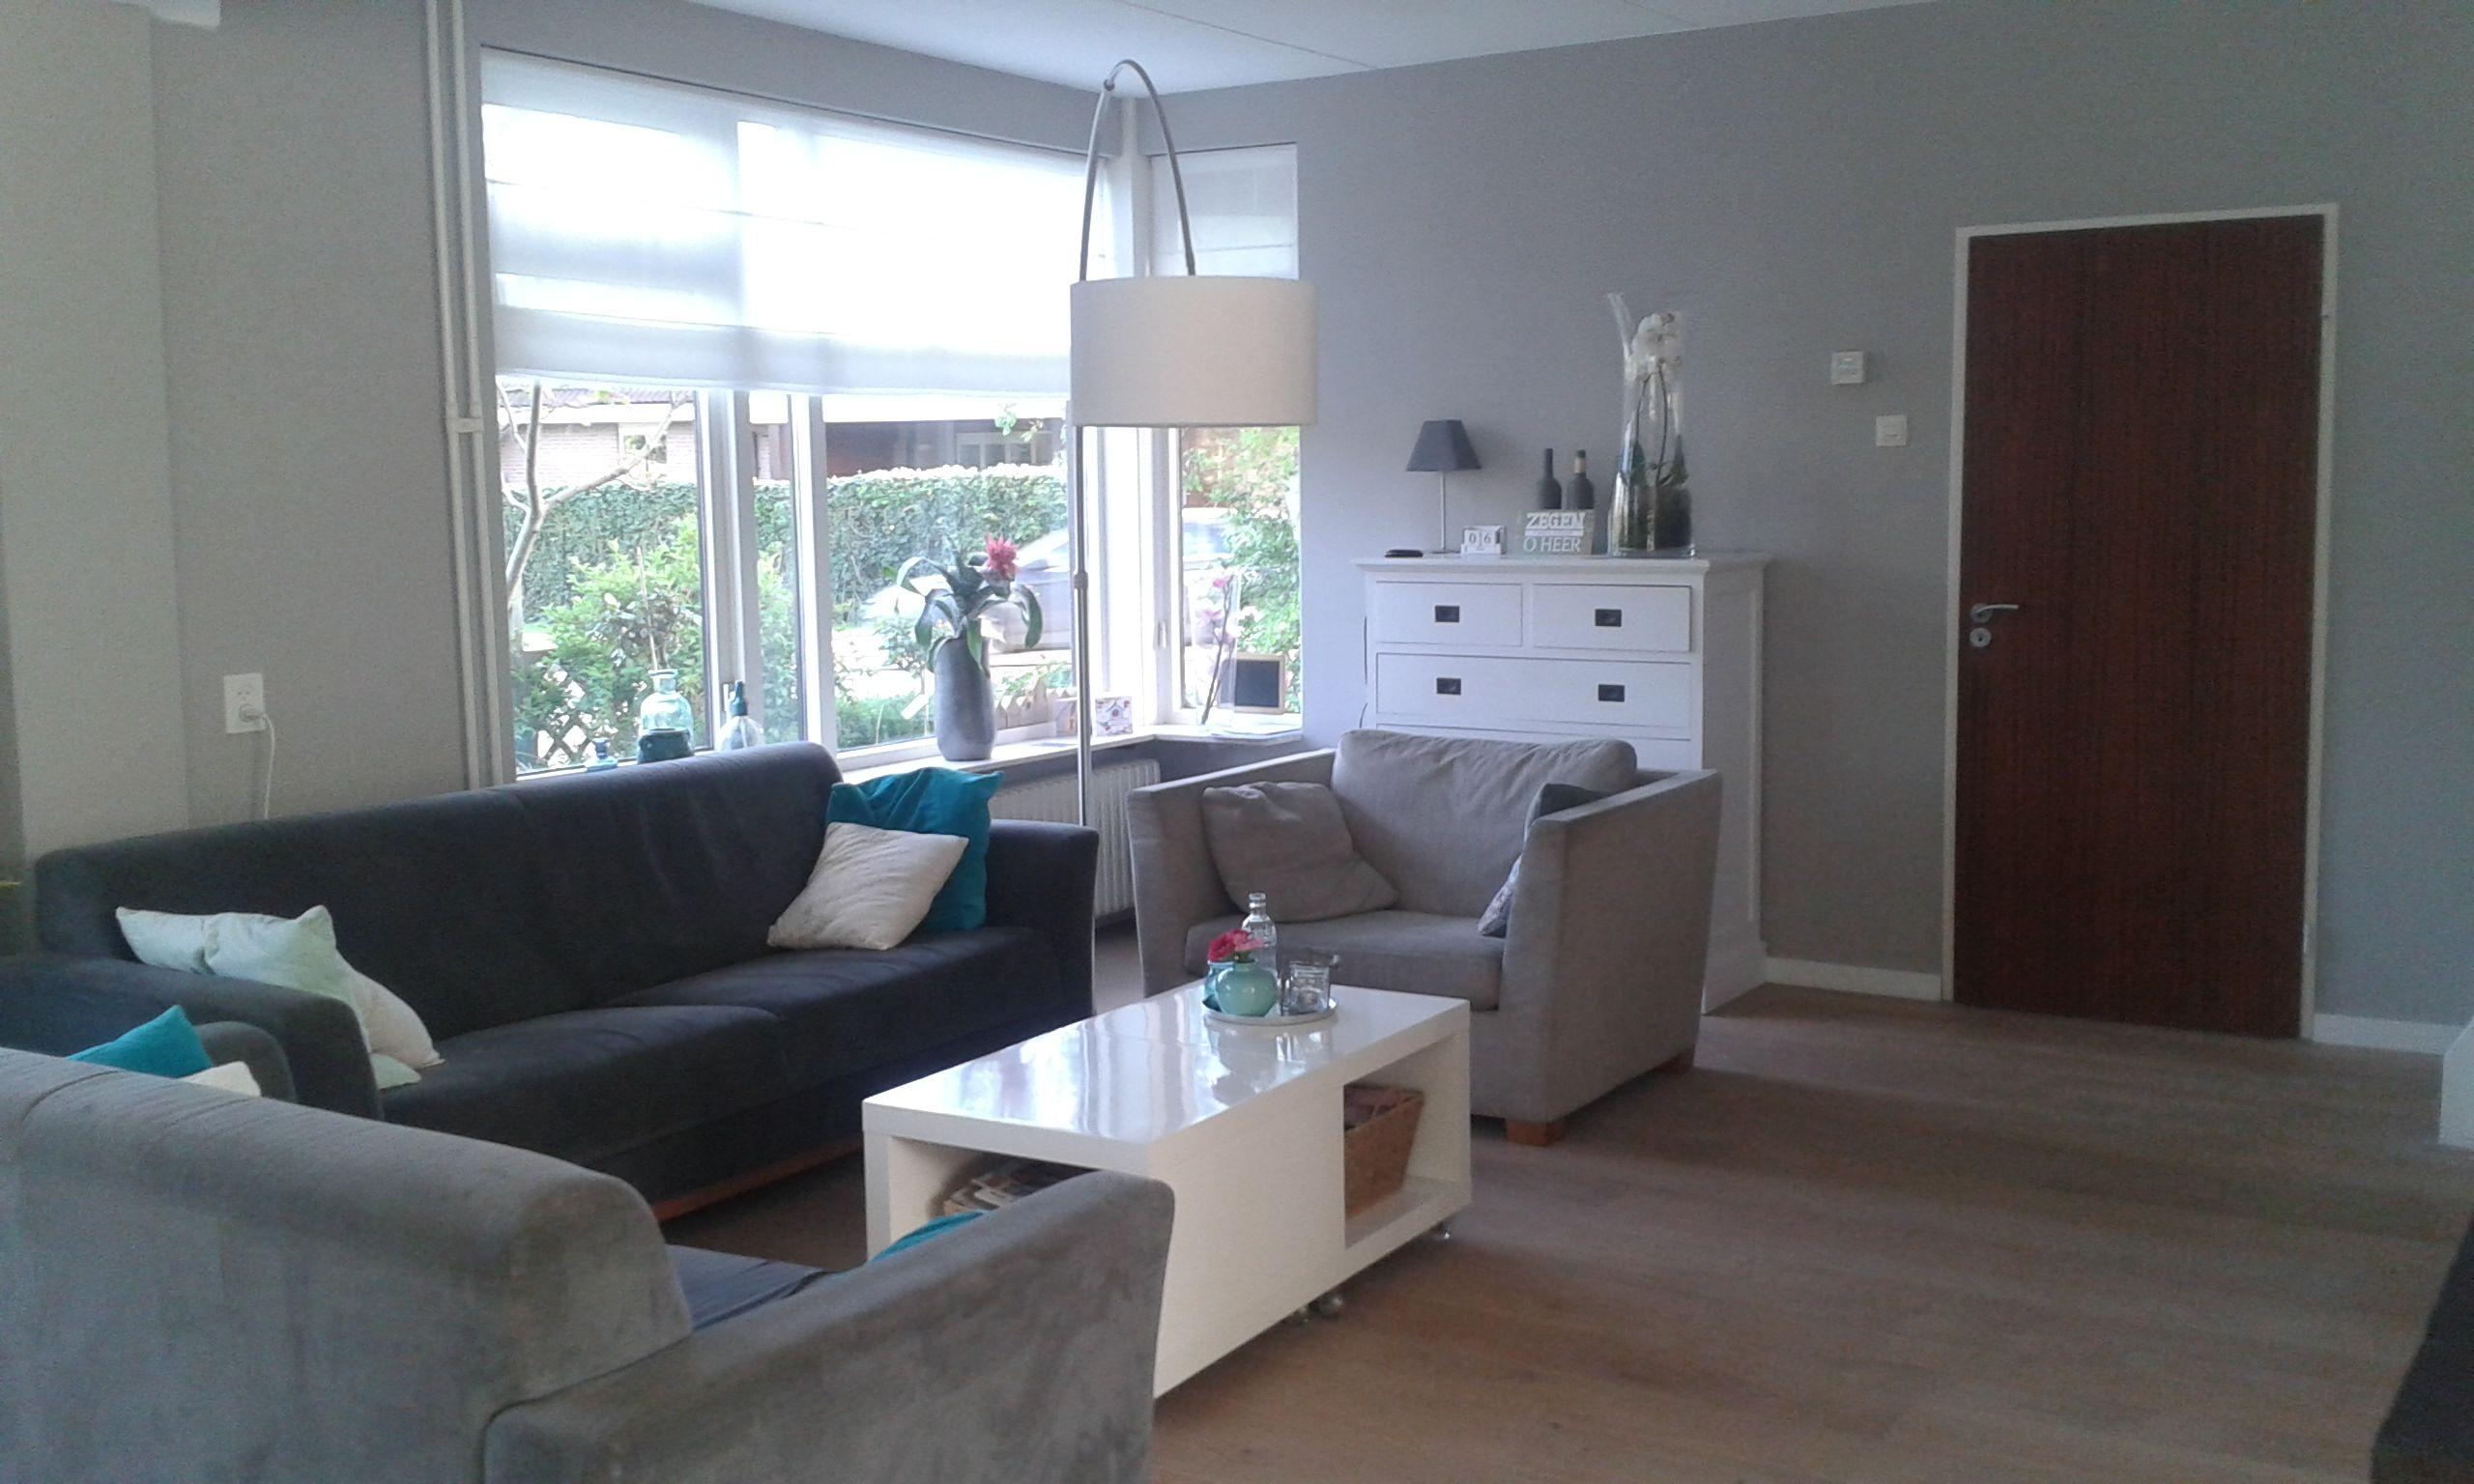 woonkamer met grijs/taupekleurig behang geworden, taupe love-seat ...